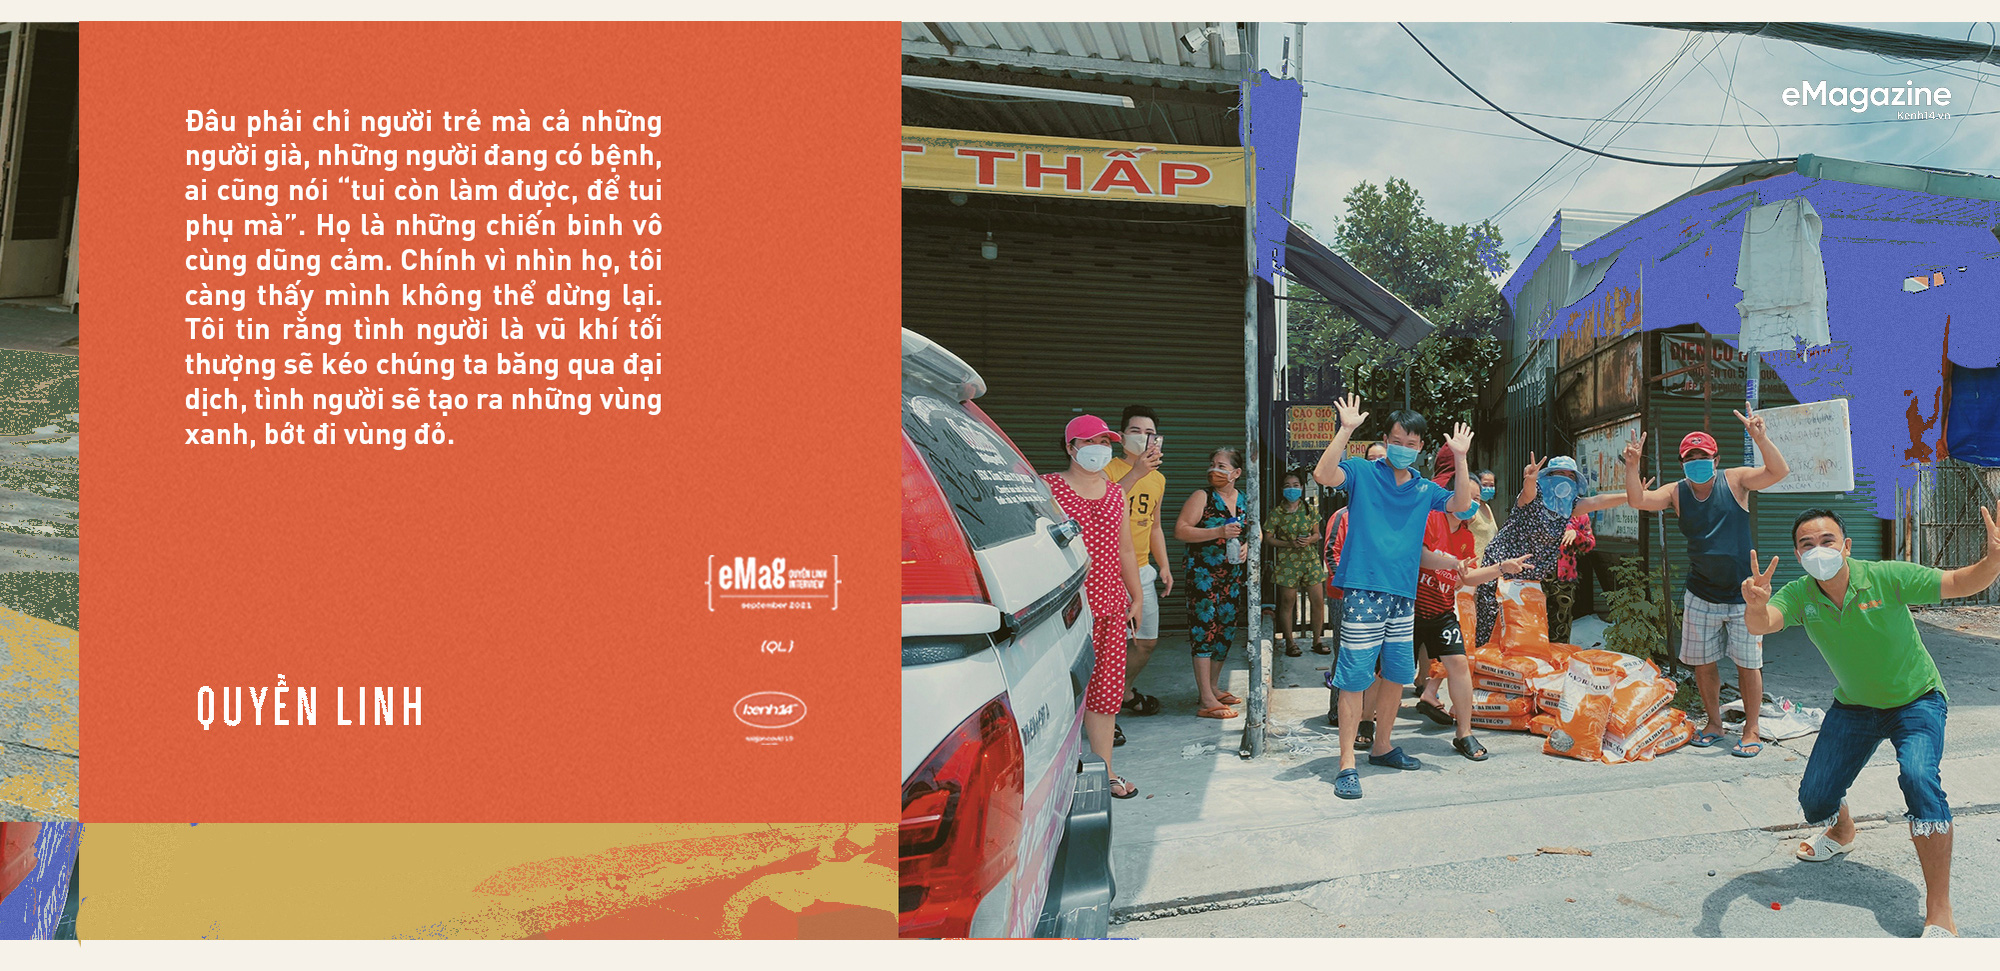 Quyền Linh: Đã nỗ lực vì bao mảnh đời ở miền Bắc, dầm mình trong mưa lũ miền Trung, sao có thể đứng ngoài nỗi đau của Sài Gòn - mảnh đất cho mình tất cả - Ảnh 15.